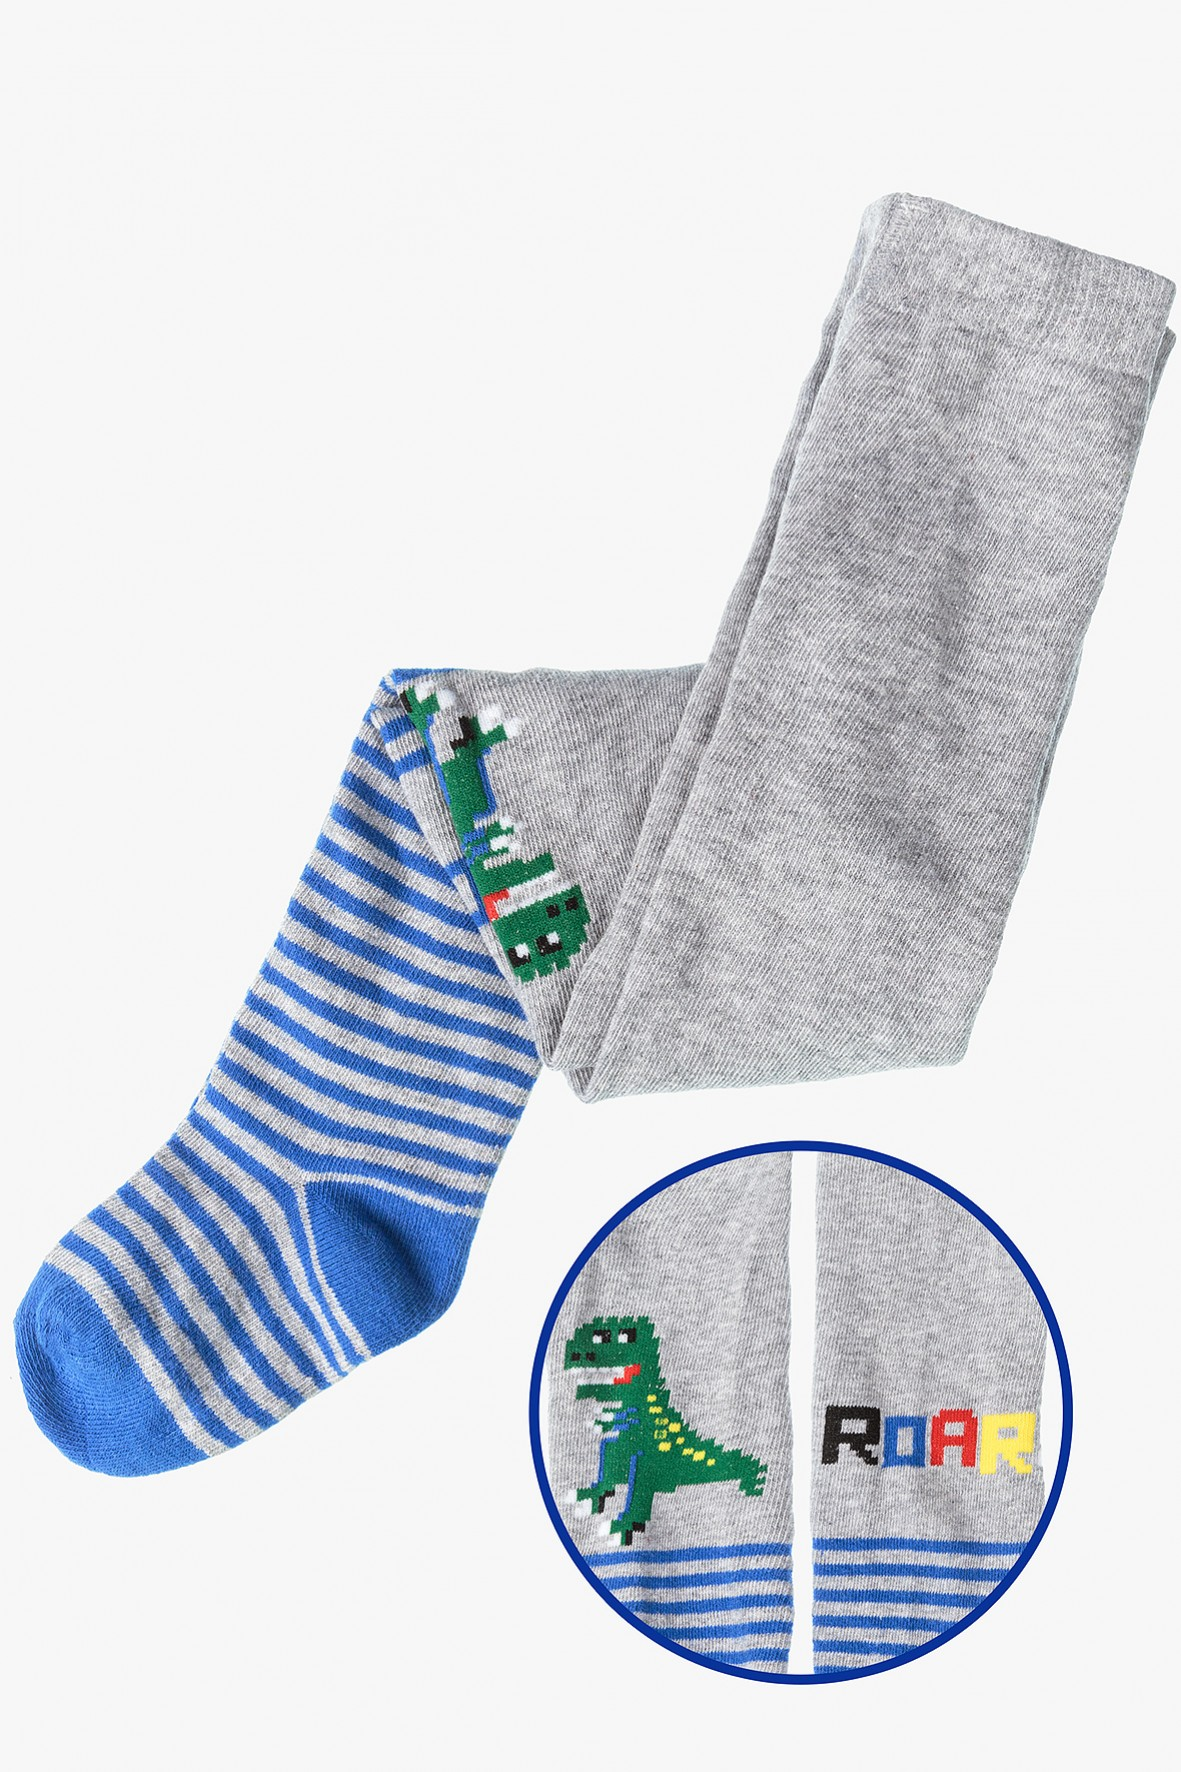 Rajstopy dla chłopca- szare w paski z dinozaurem